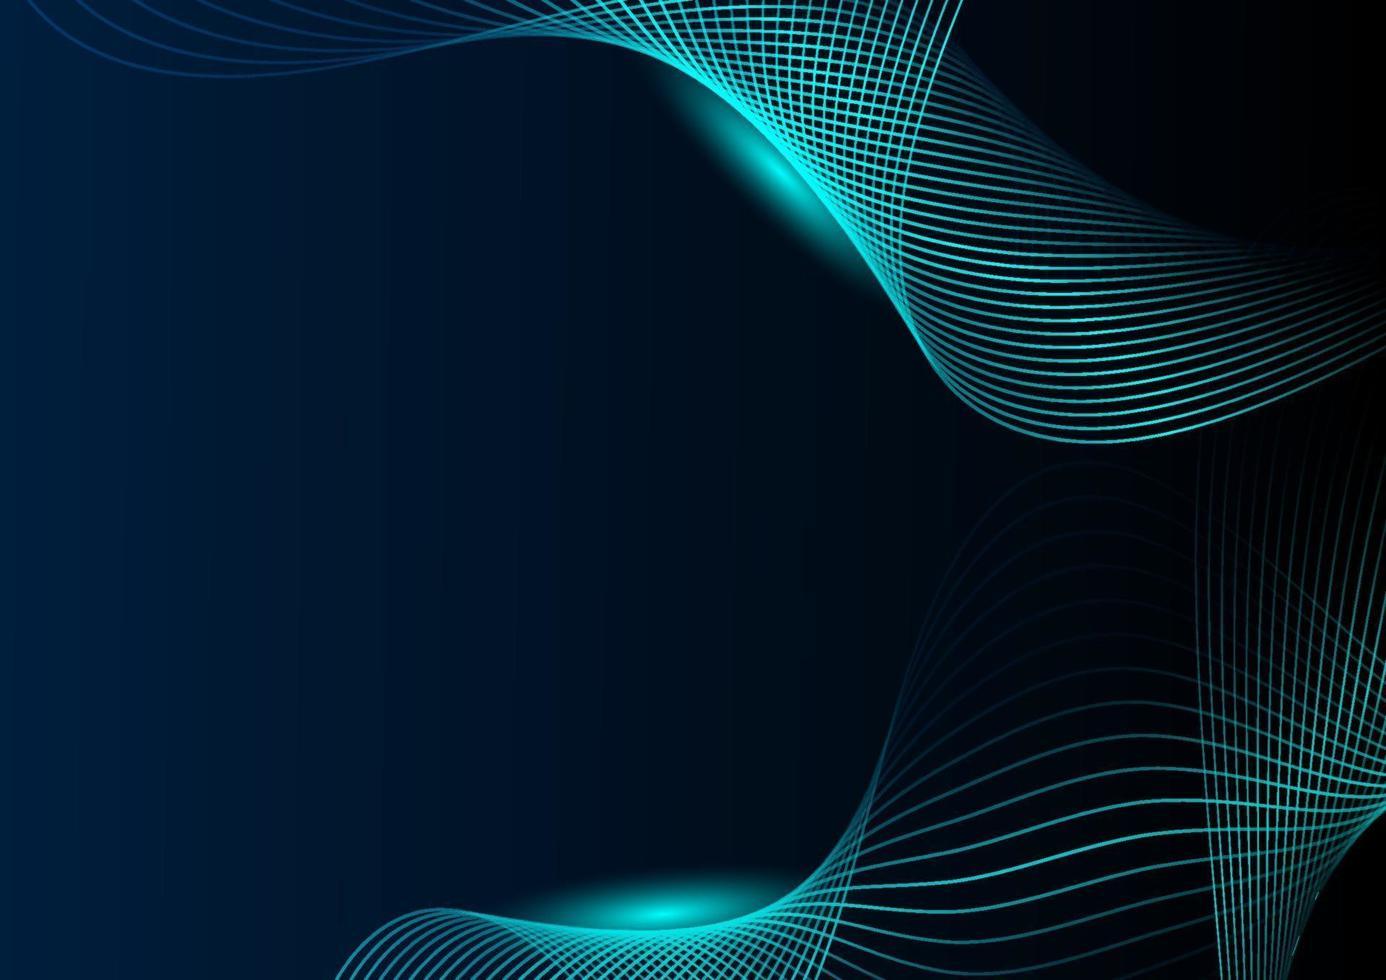 abstrait vague rougeoyante lignes vertes sur fond sombre. concept technologique. vecteur